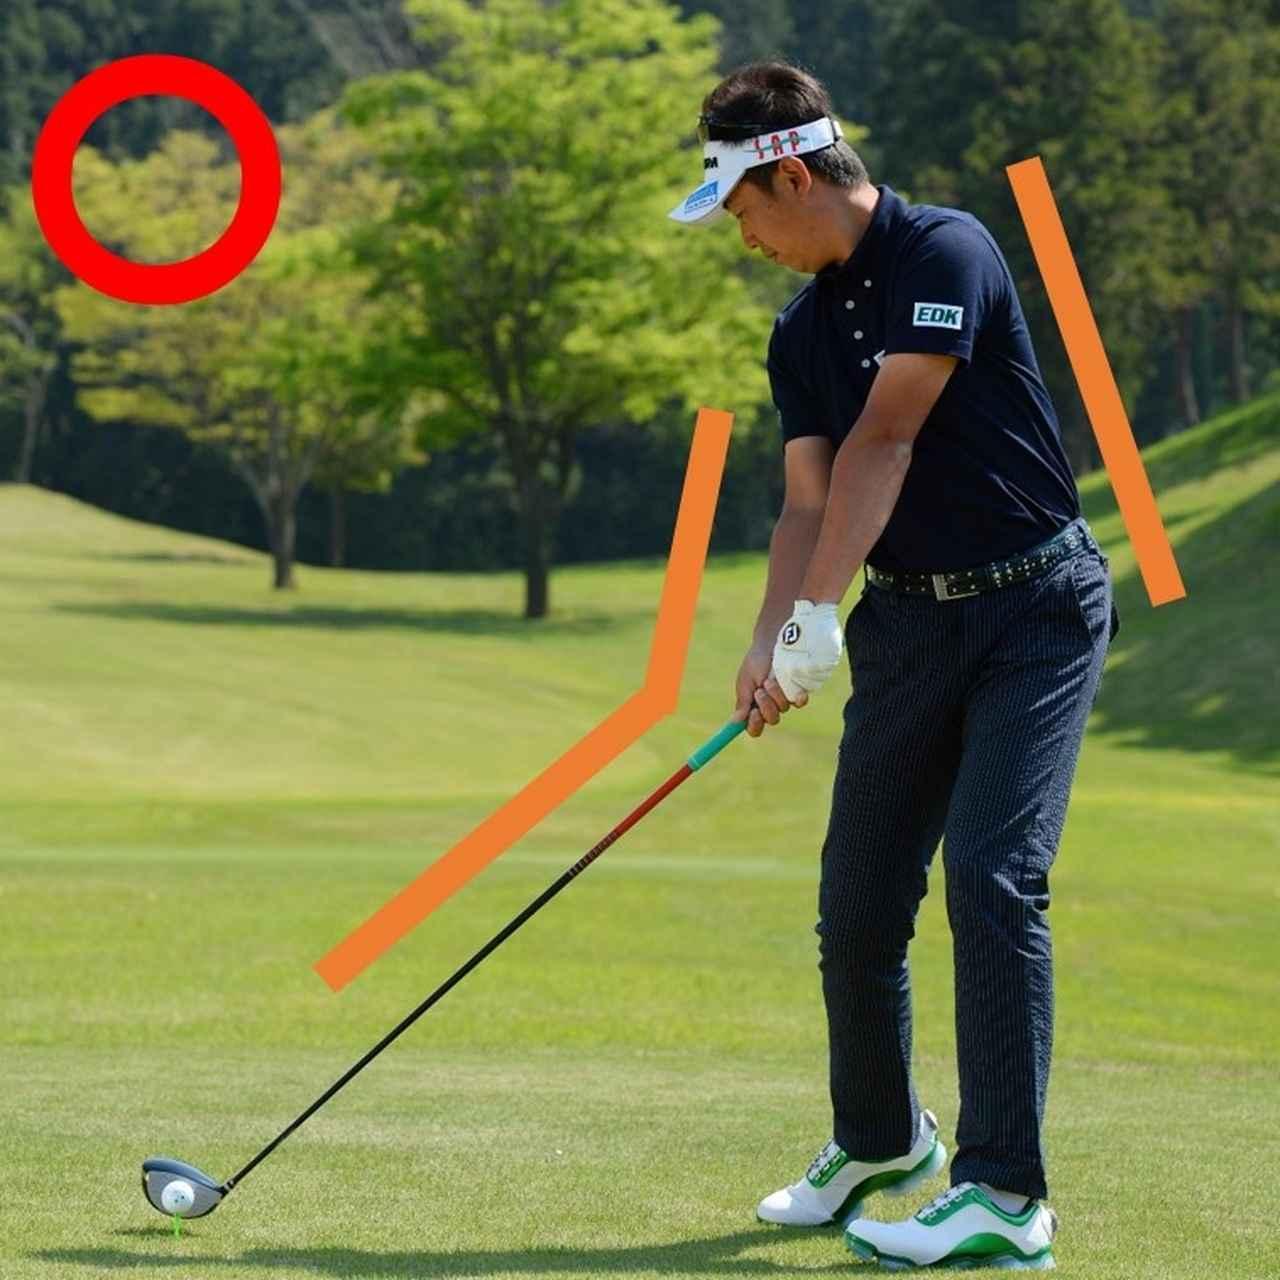 画像: 前傾角度を保つことが「フェース上目のインパクト」に近づく